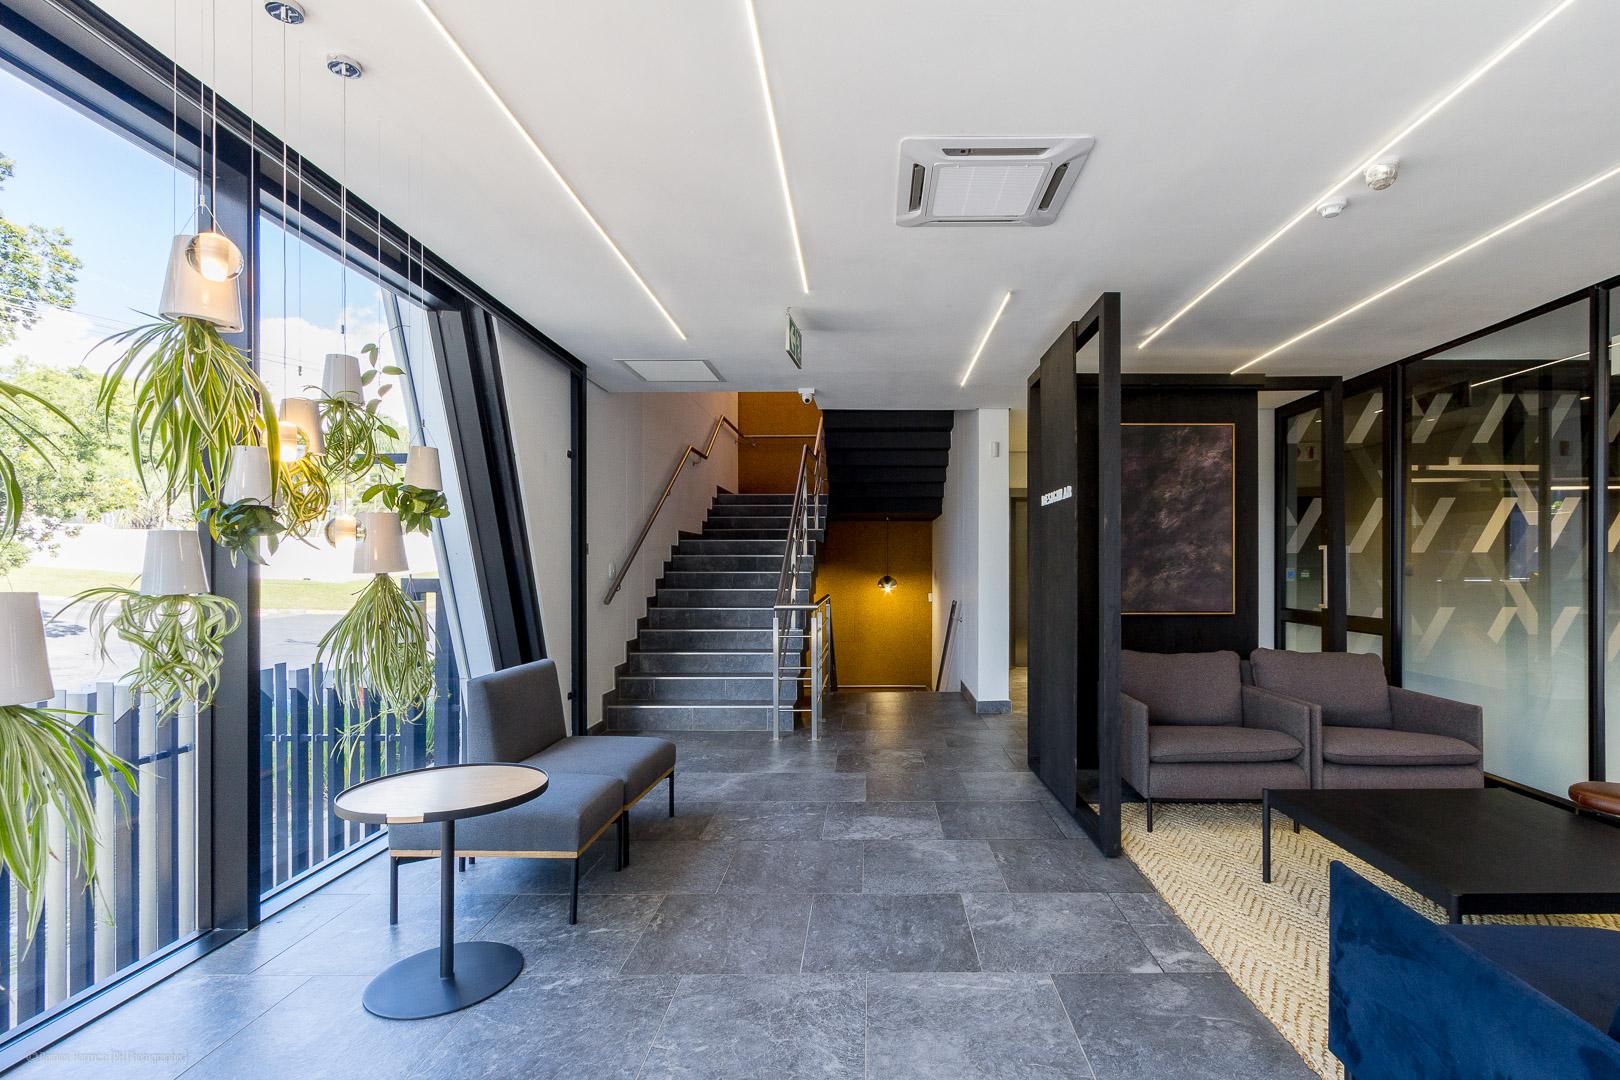 RHPX_Portfolio_Holt Street Parkmore Interior-2